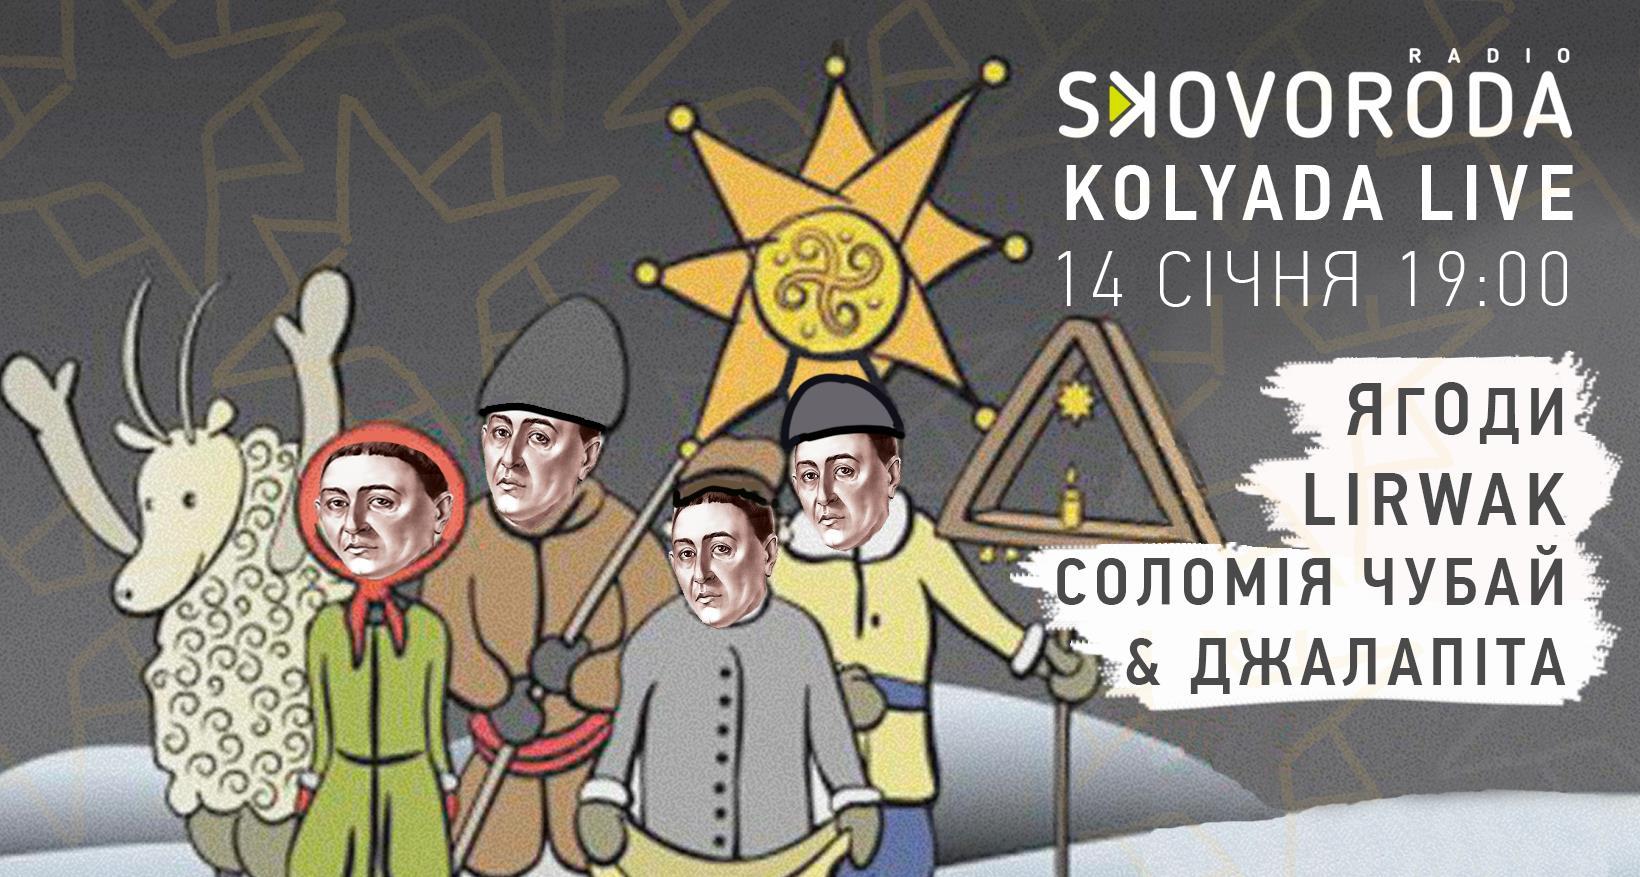 kolyada_laif.jpg (214.88 Kb)